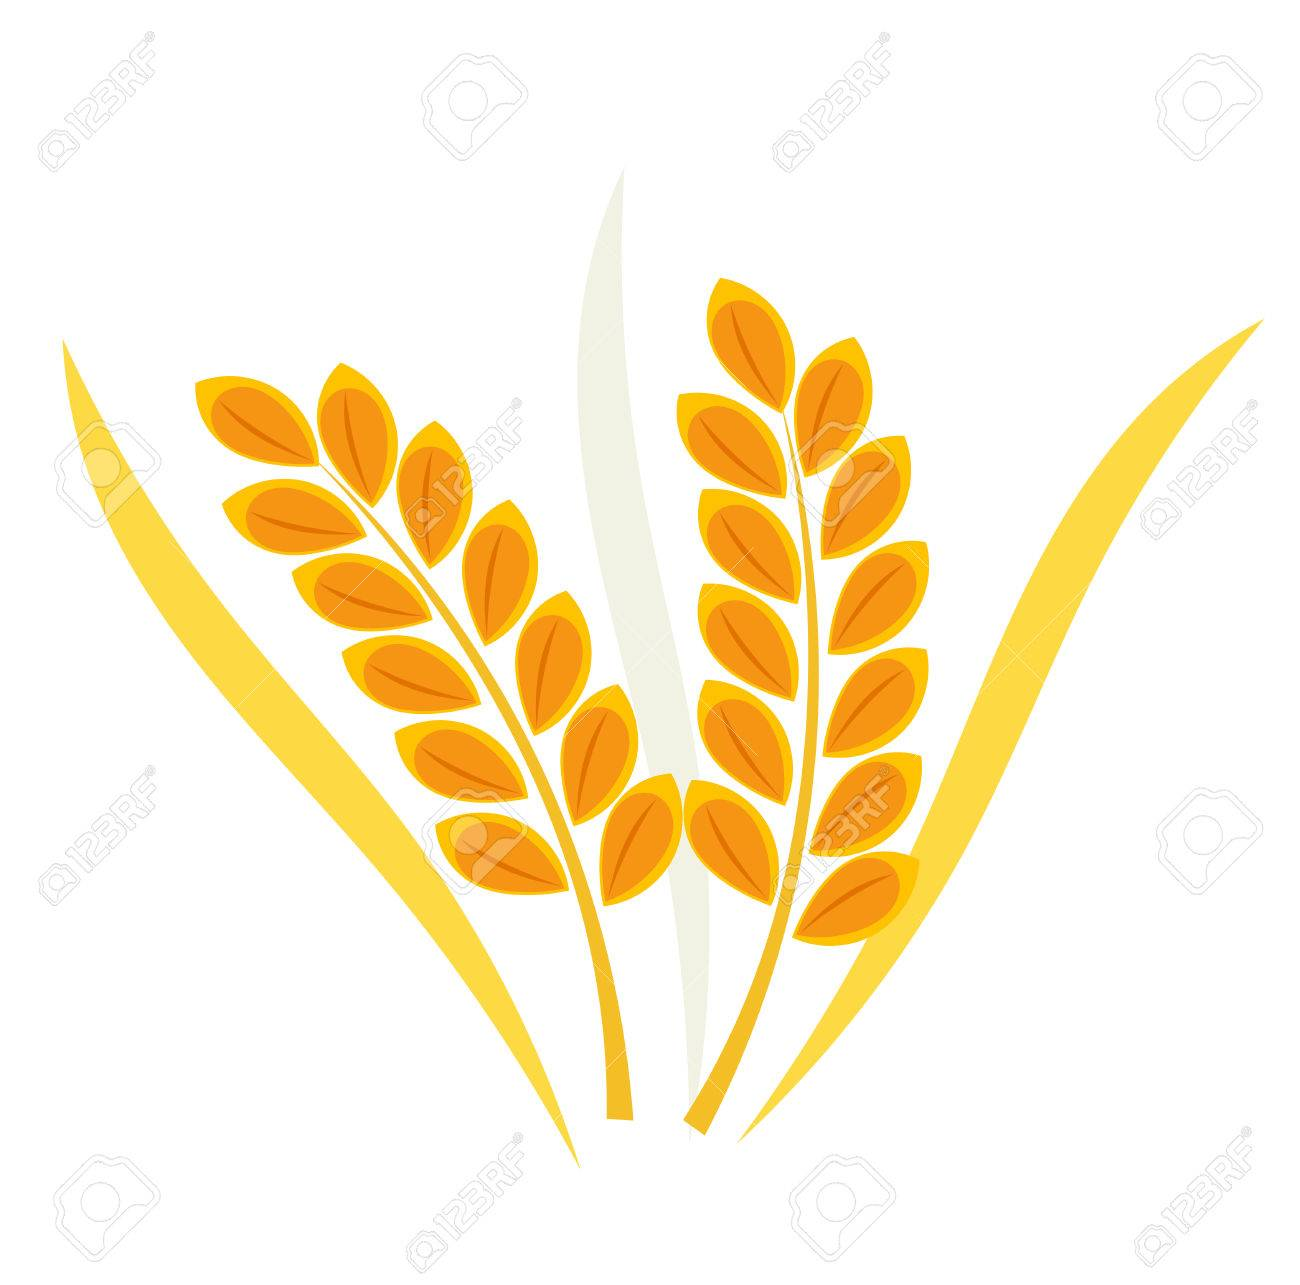 Как сделать колосья пшеницы